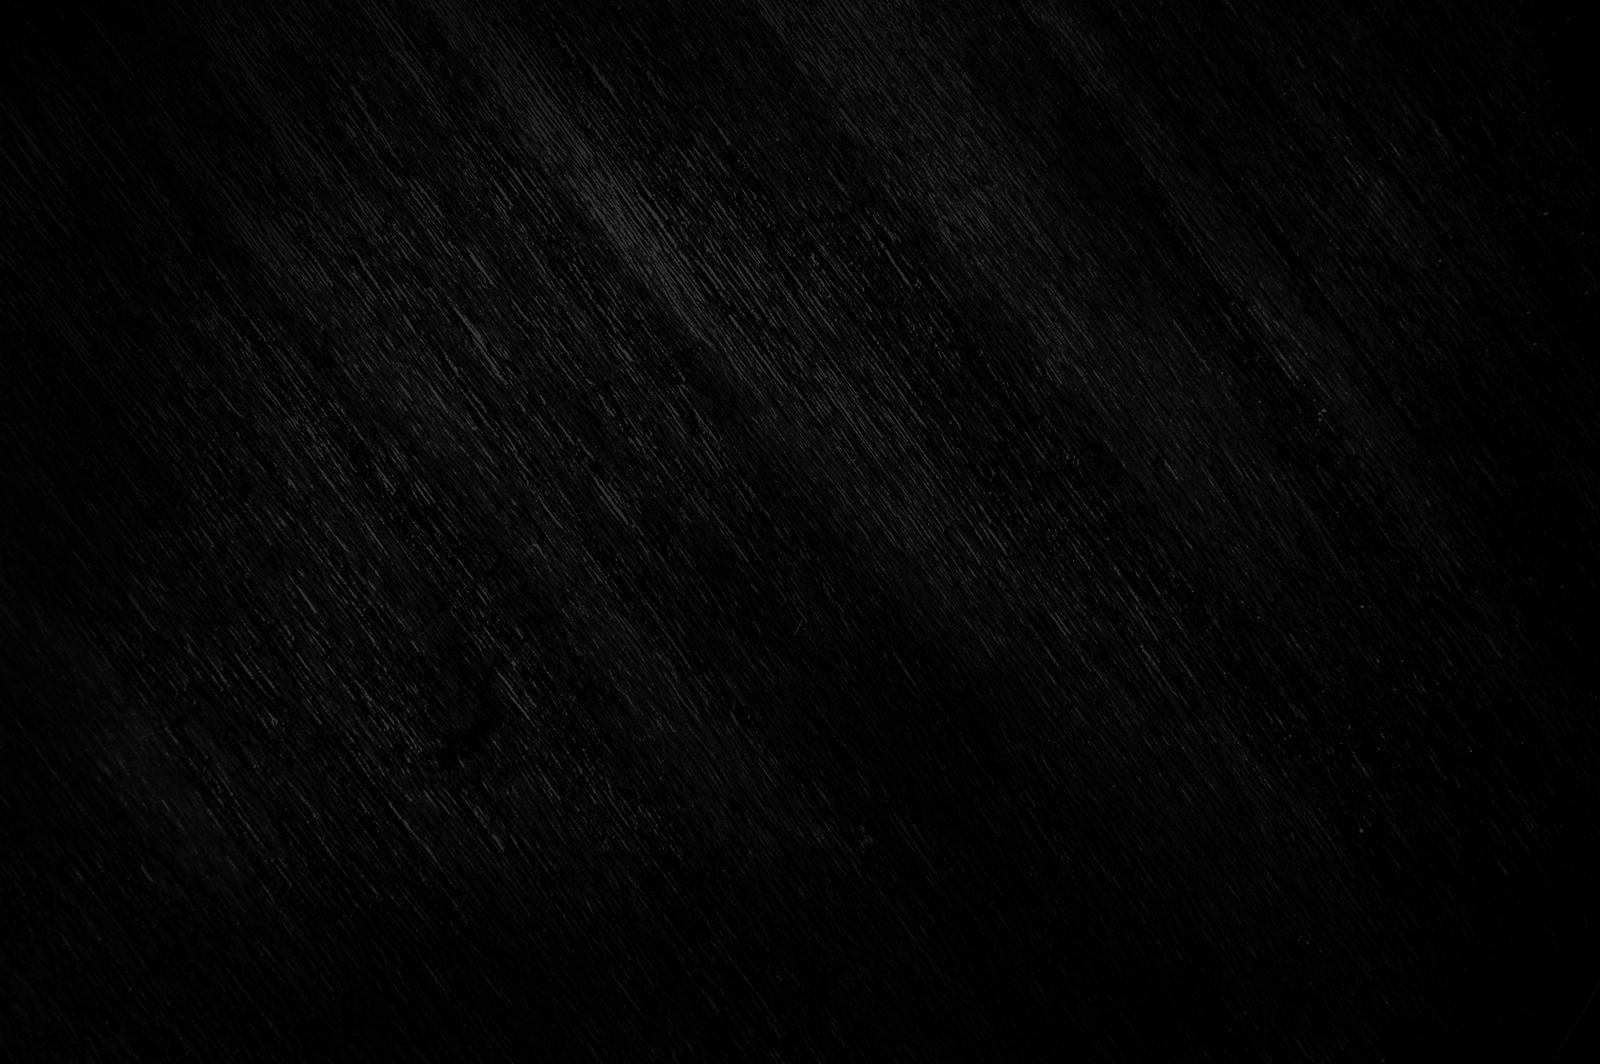 Dark Gray Wallpaper - WallpaperSafari